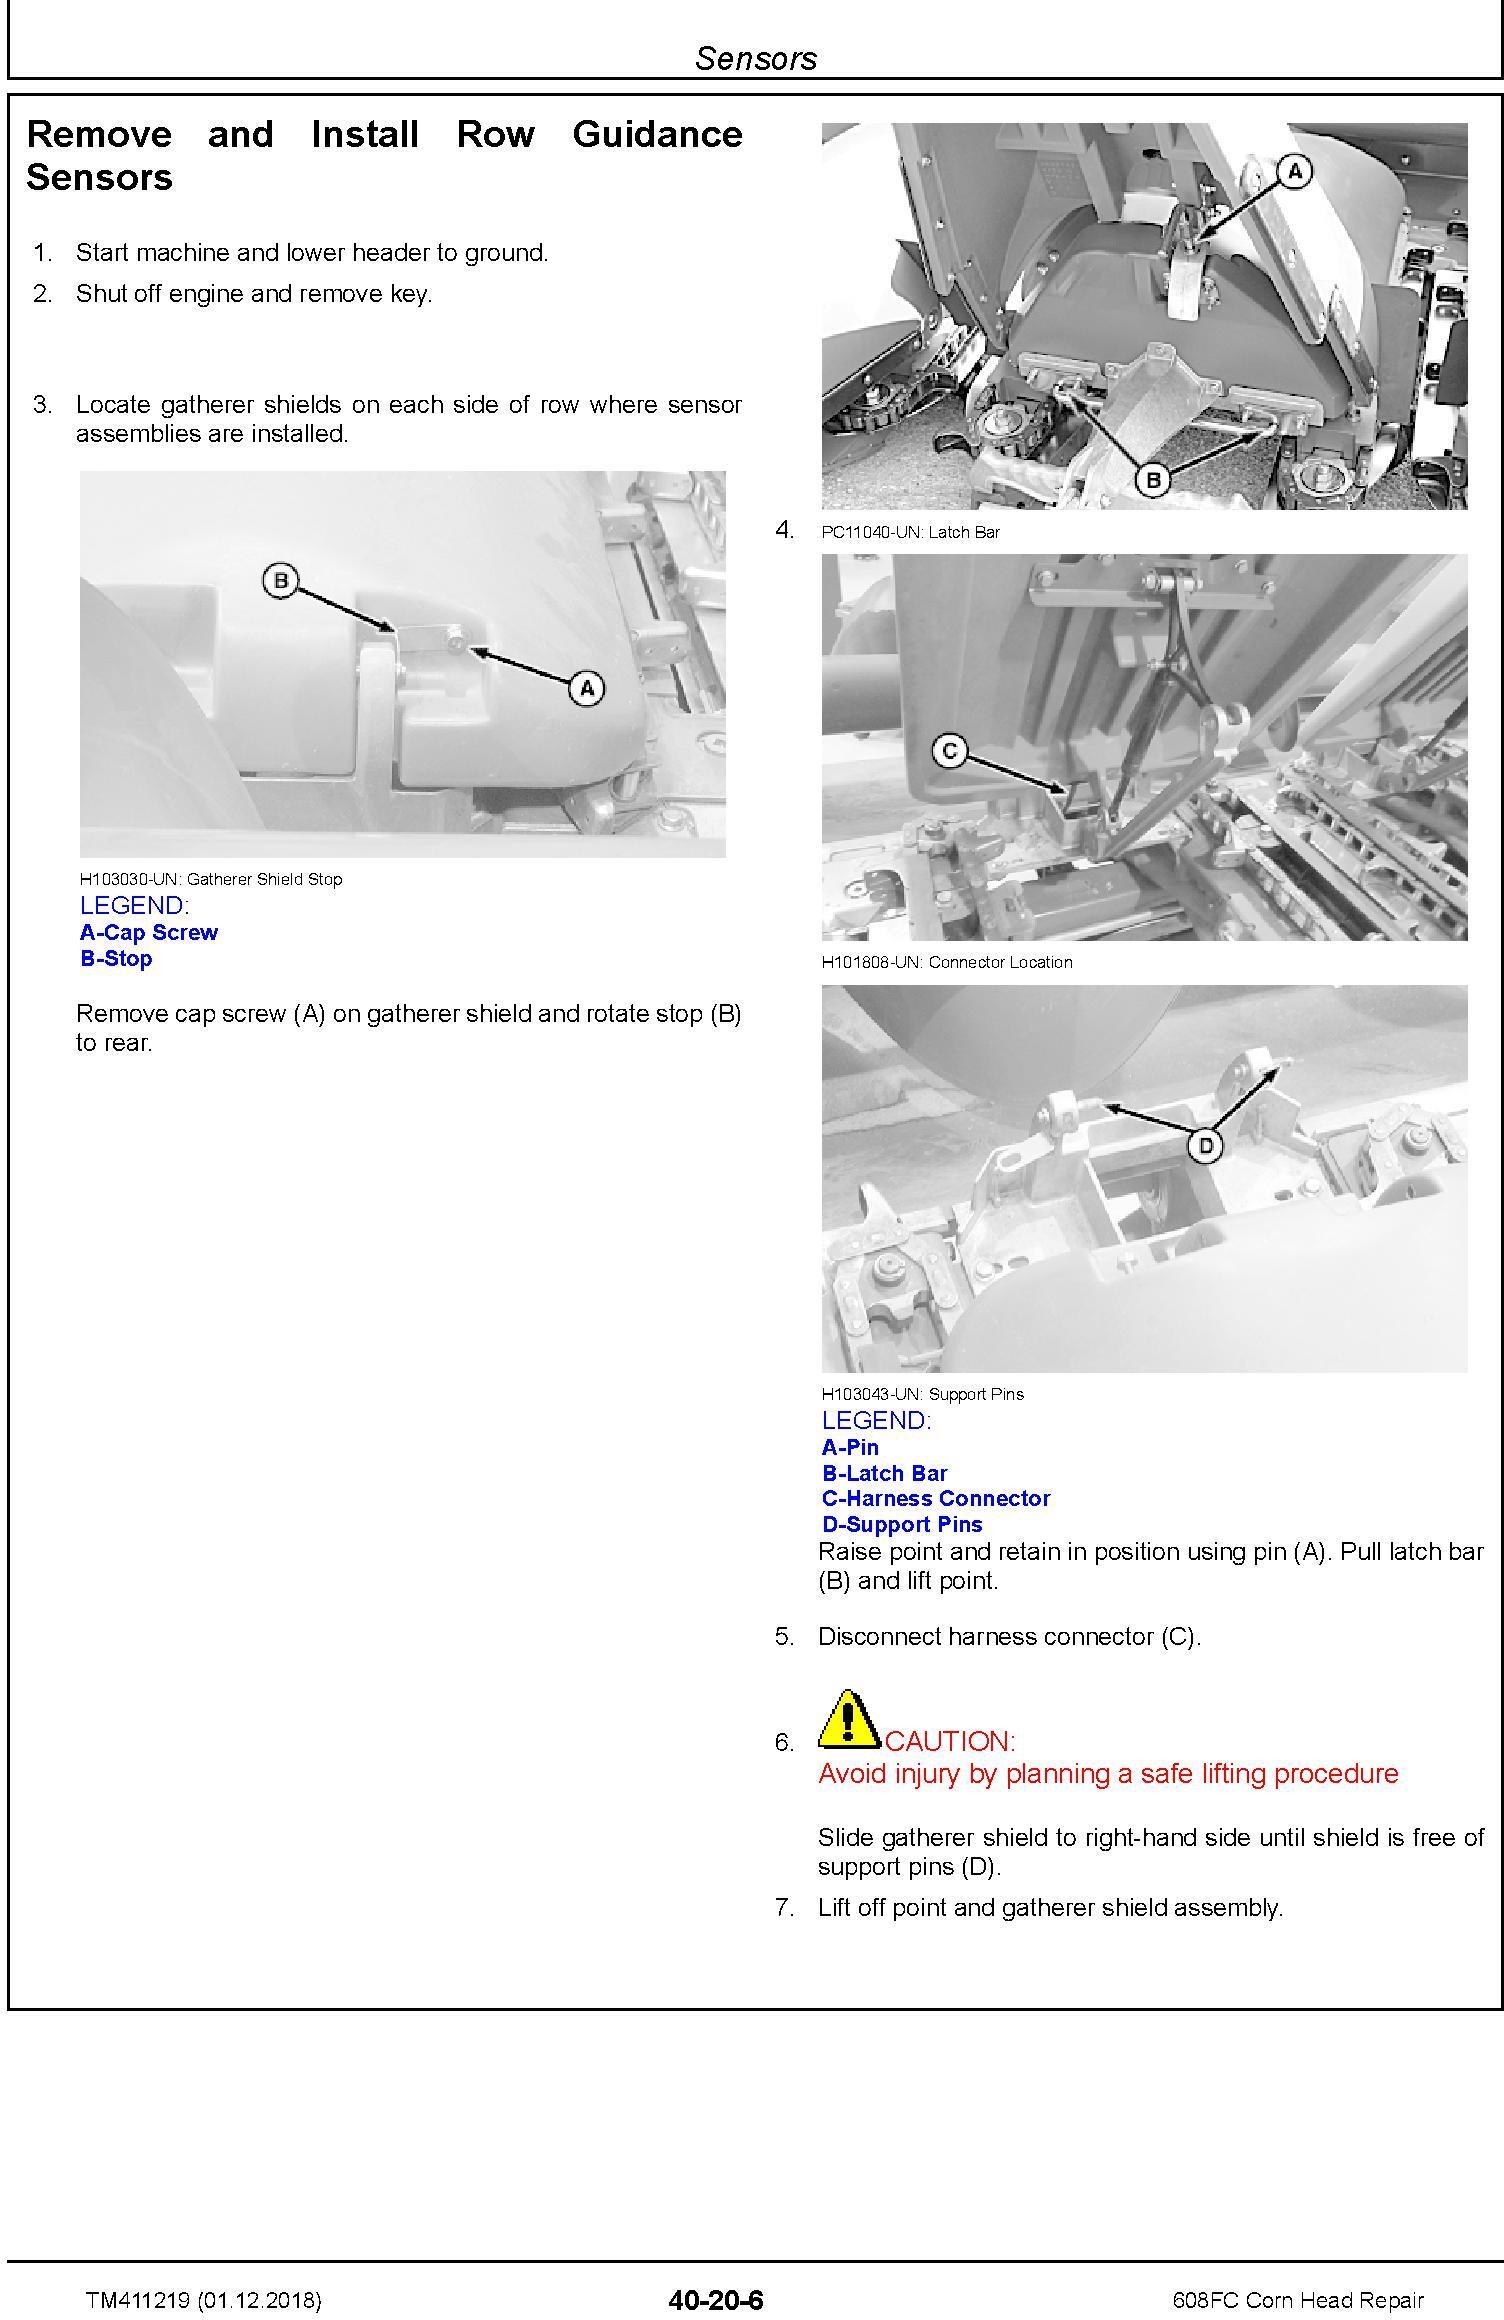 John Deere 608FC Corn Head Repair Technical Manual (TM411219) - 2